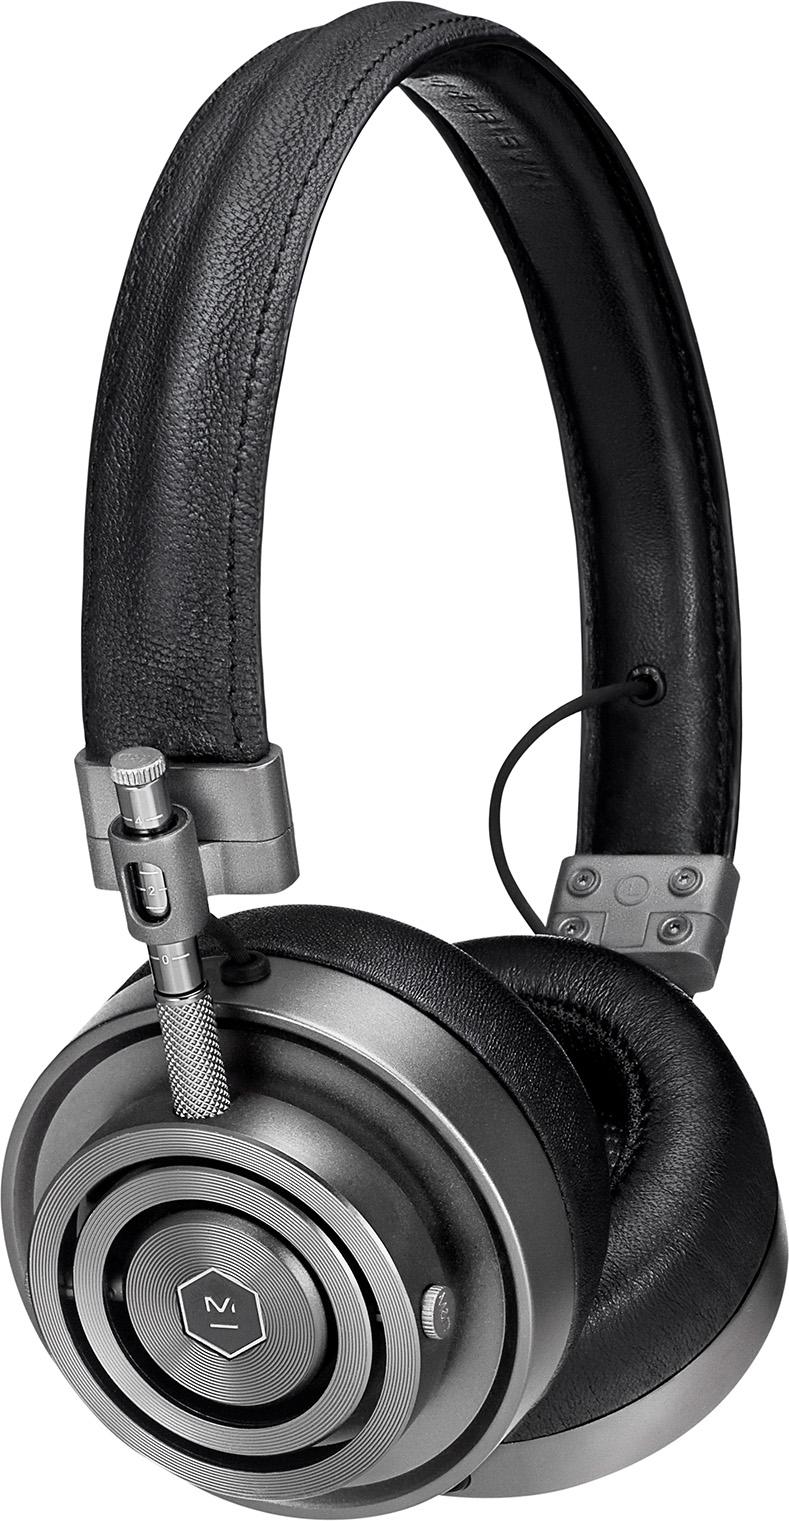 Master & Dynamic MH30 On-Ear Headphone